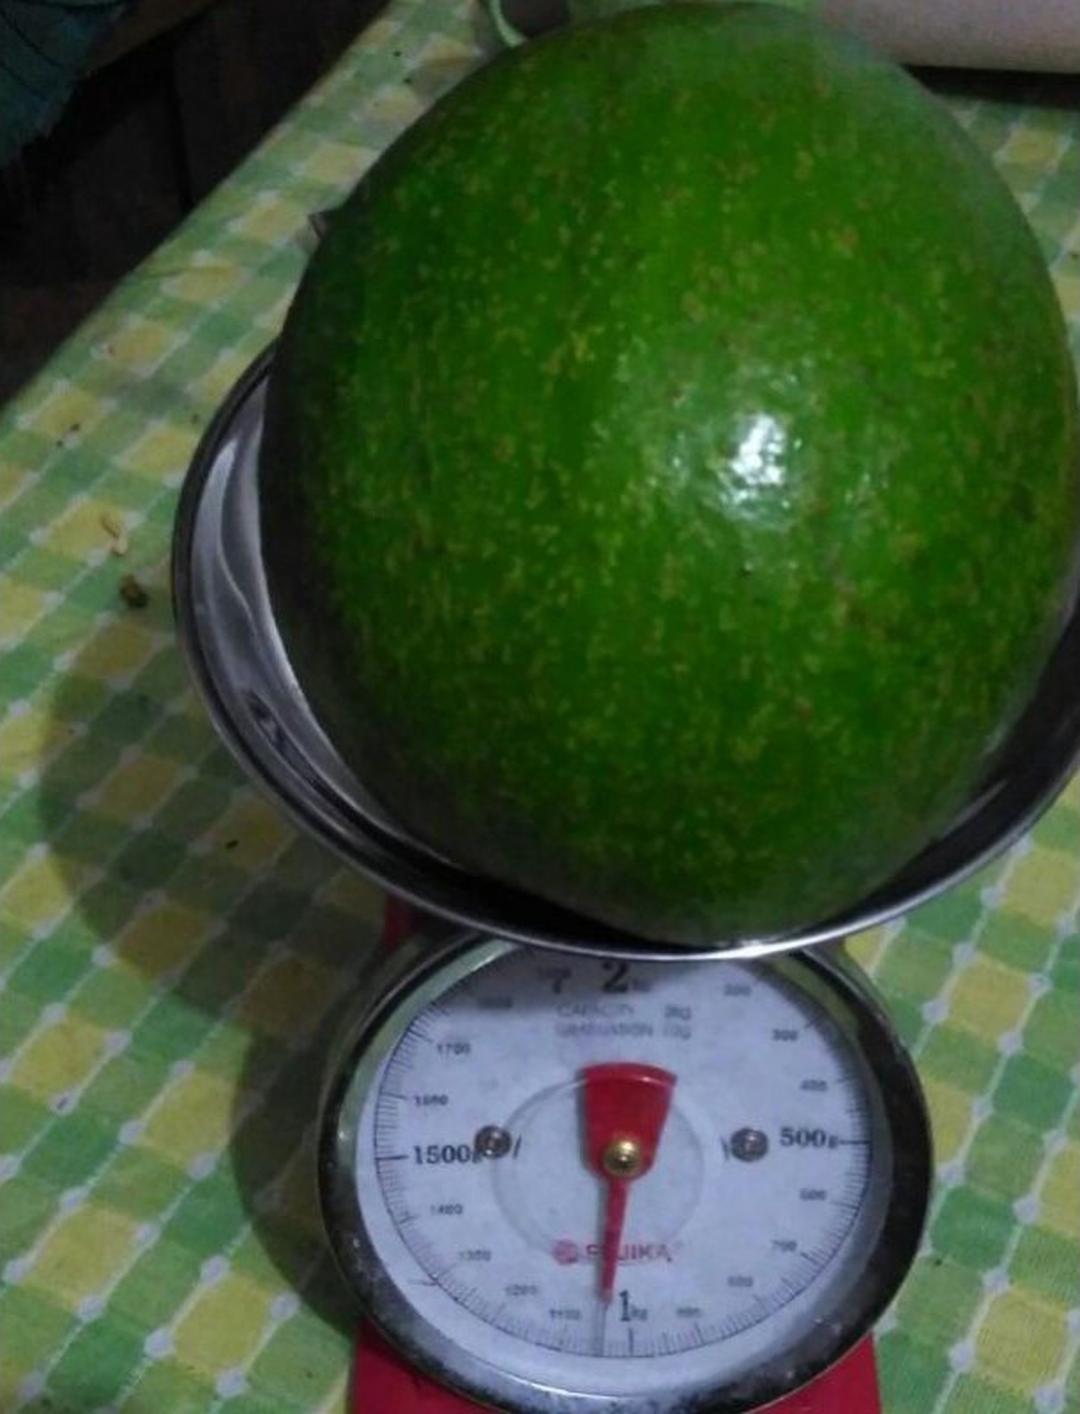 Bisa Partai Besar! bibit buah alpukat wina unggul Kota Malang #bibit buah buahan